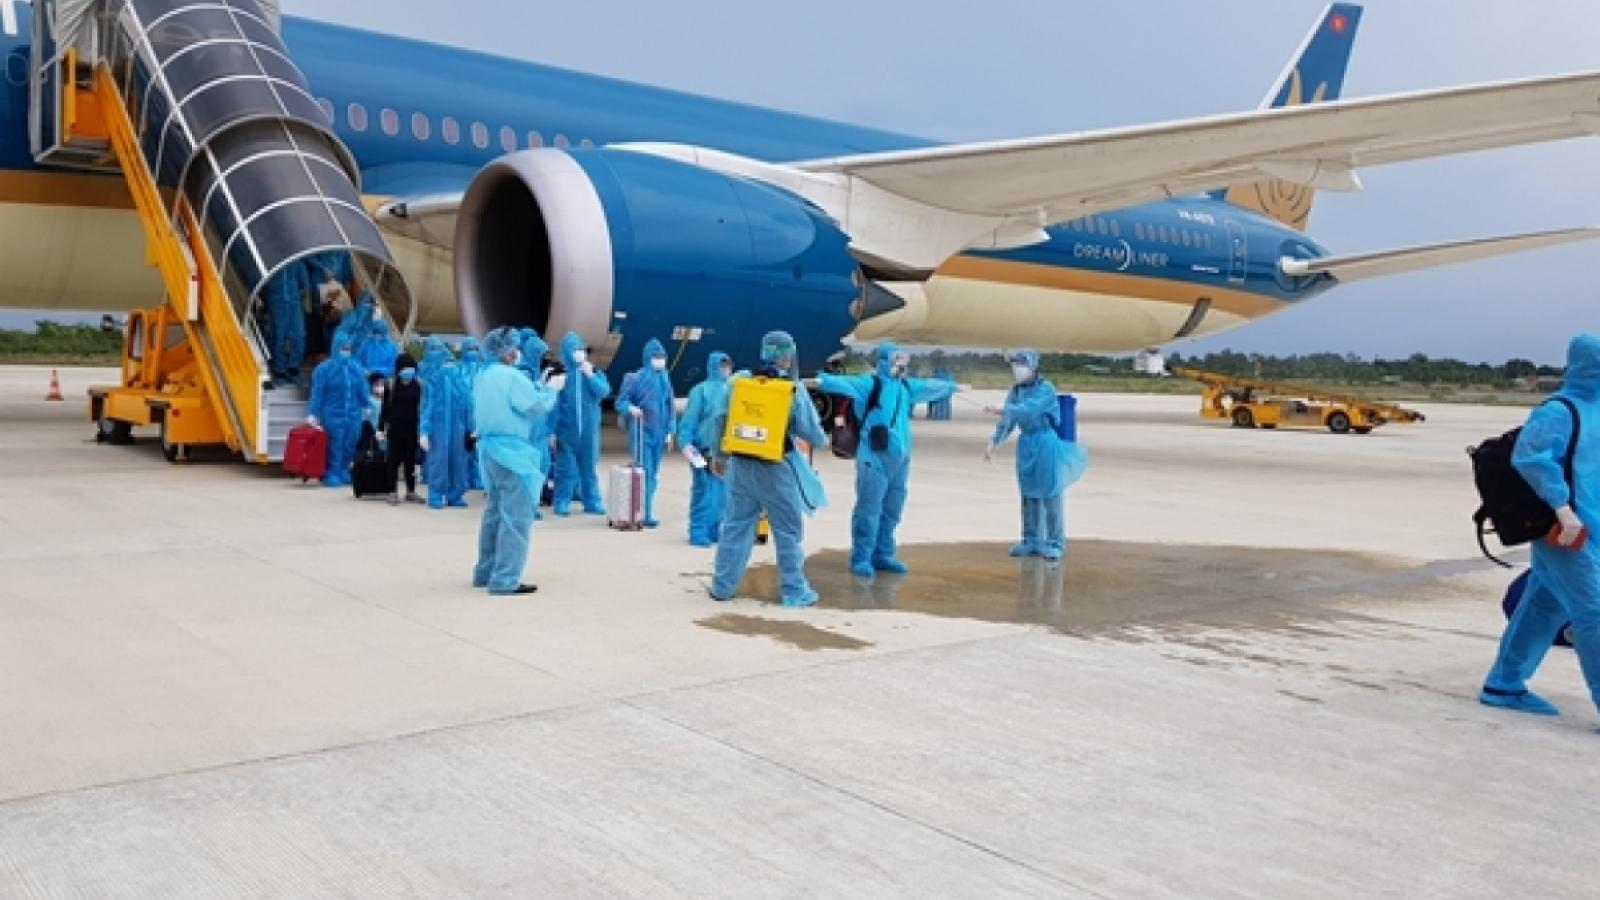 Chuyến bay thương mại quốc tế đầu tiên từ Hàn Quốc đã hạ cánh